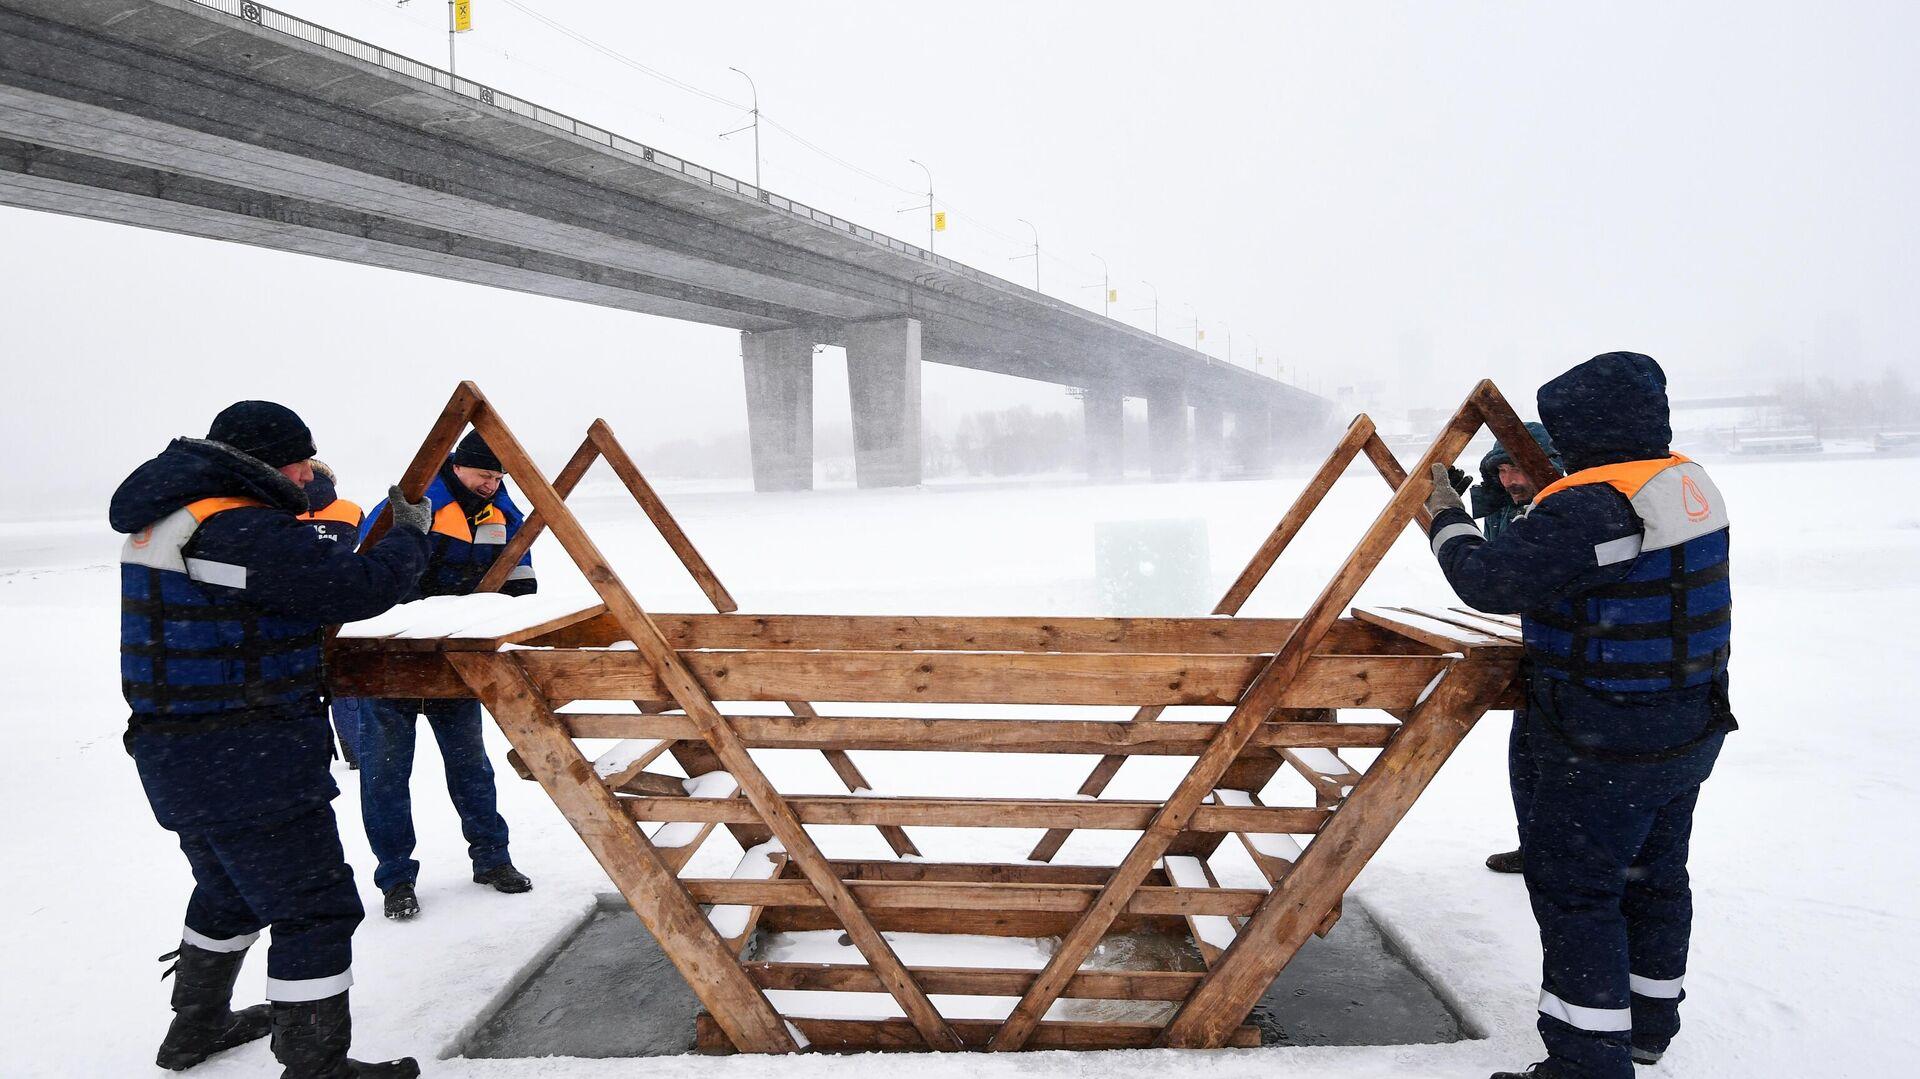 Подготовка крещенских купелей в Новосибирске - РИА Новости, 1920, 03.01.2021